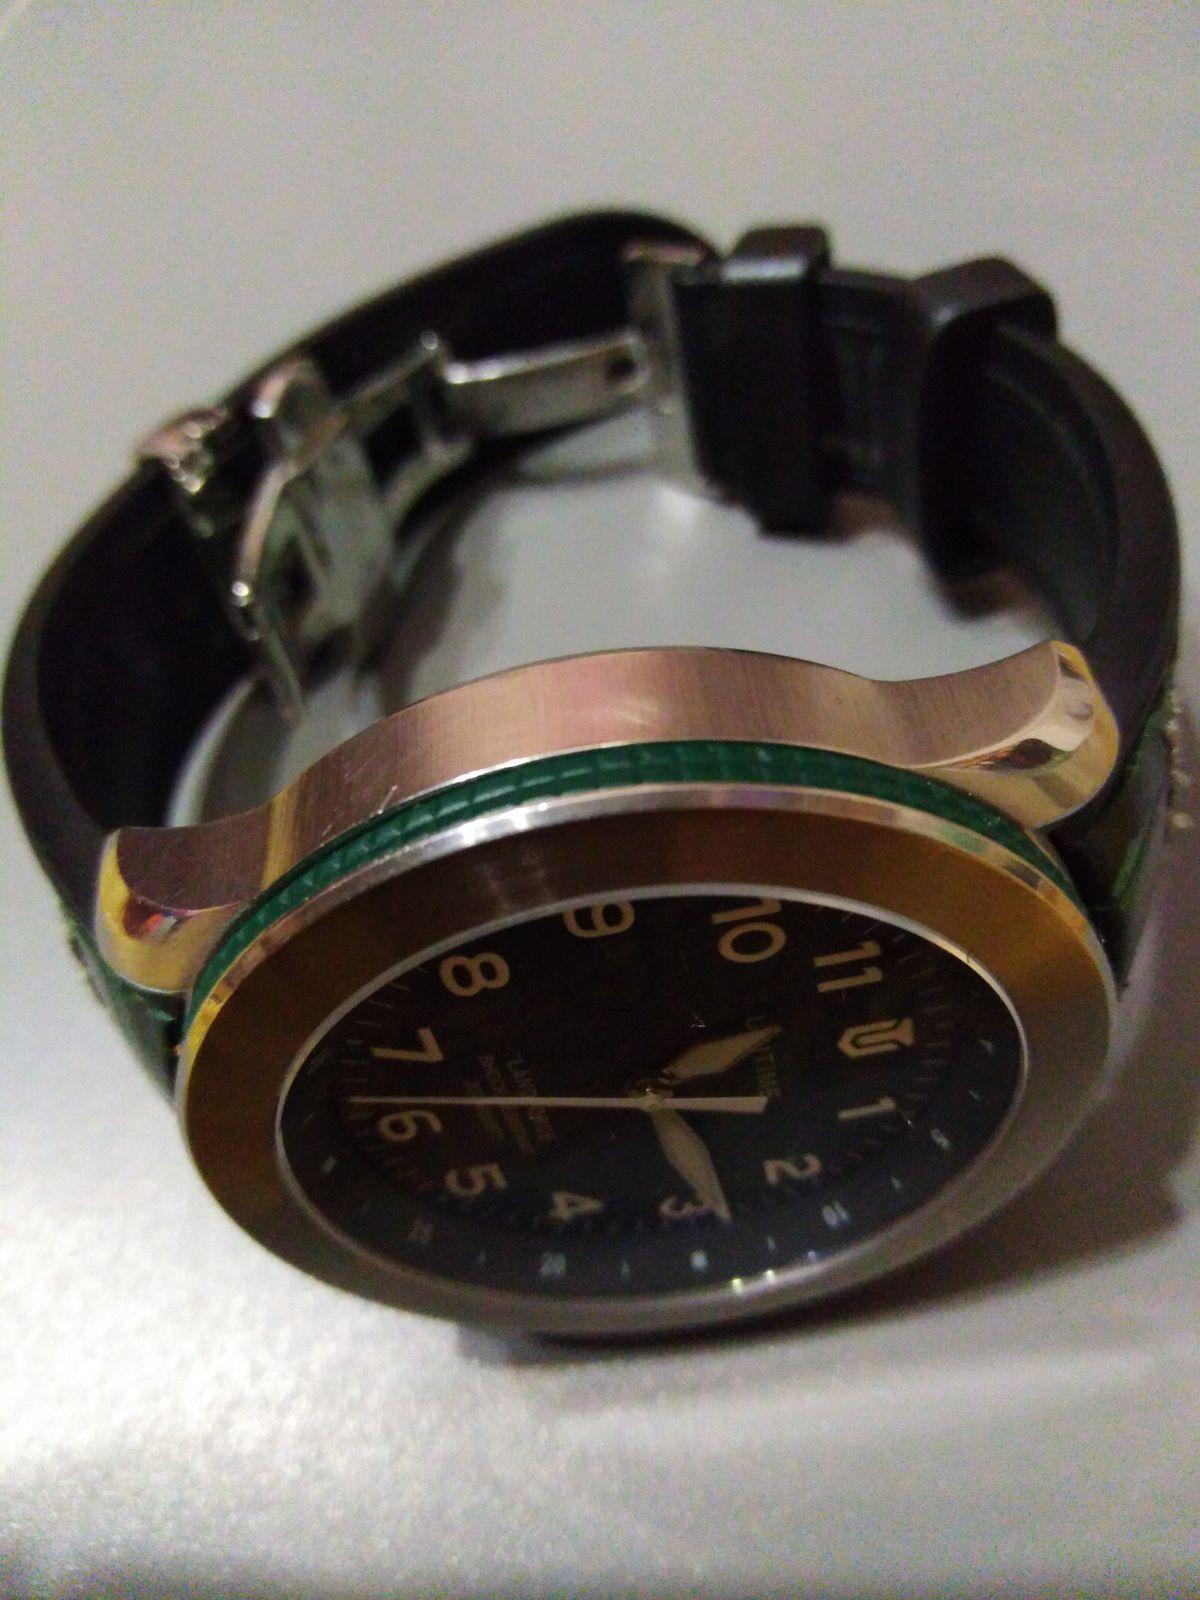 Наручные часы ut: удобные, увесистые, стильные, застёжка выше всех похвал